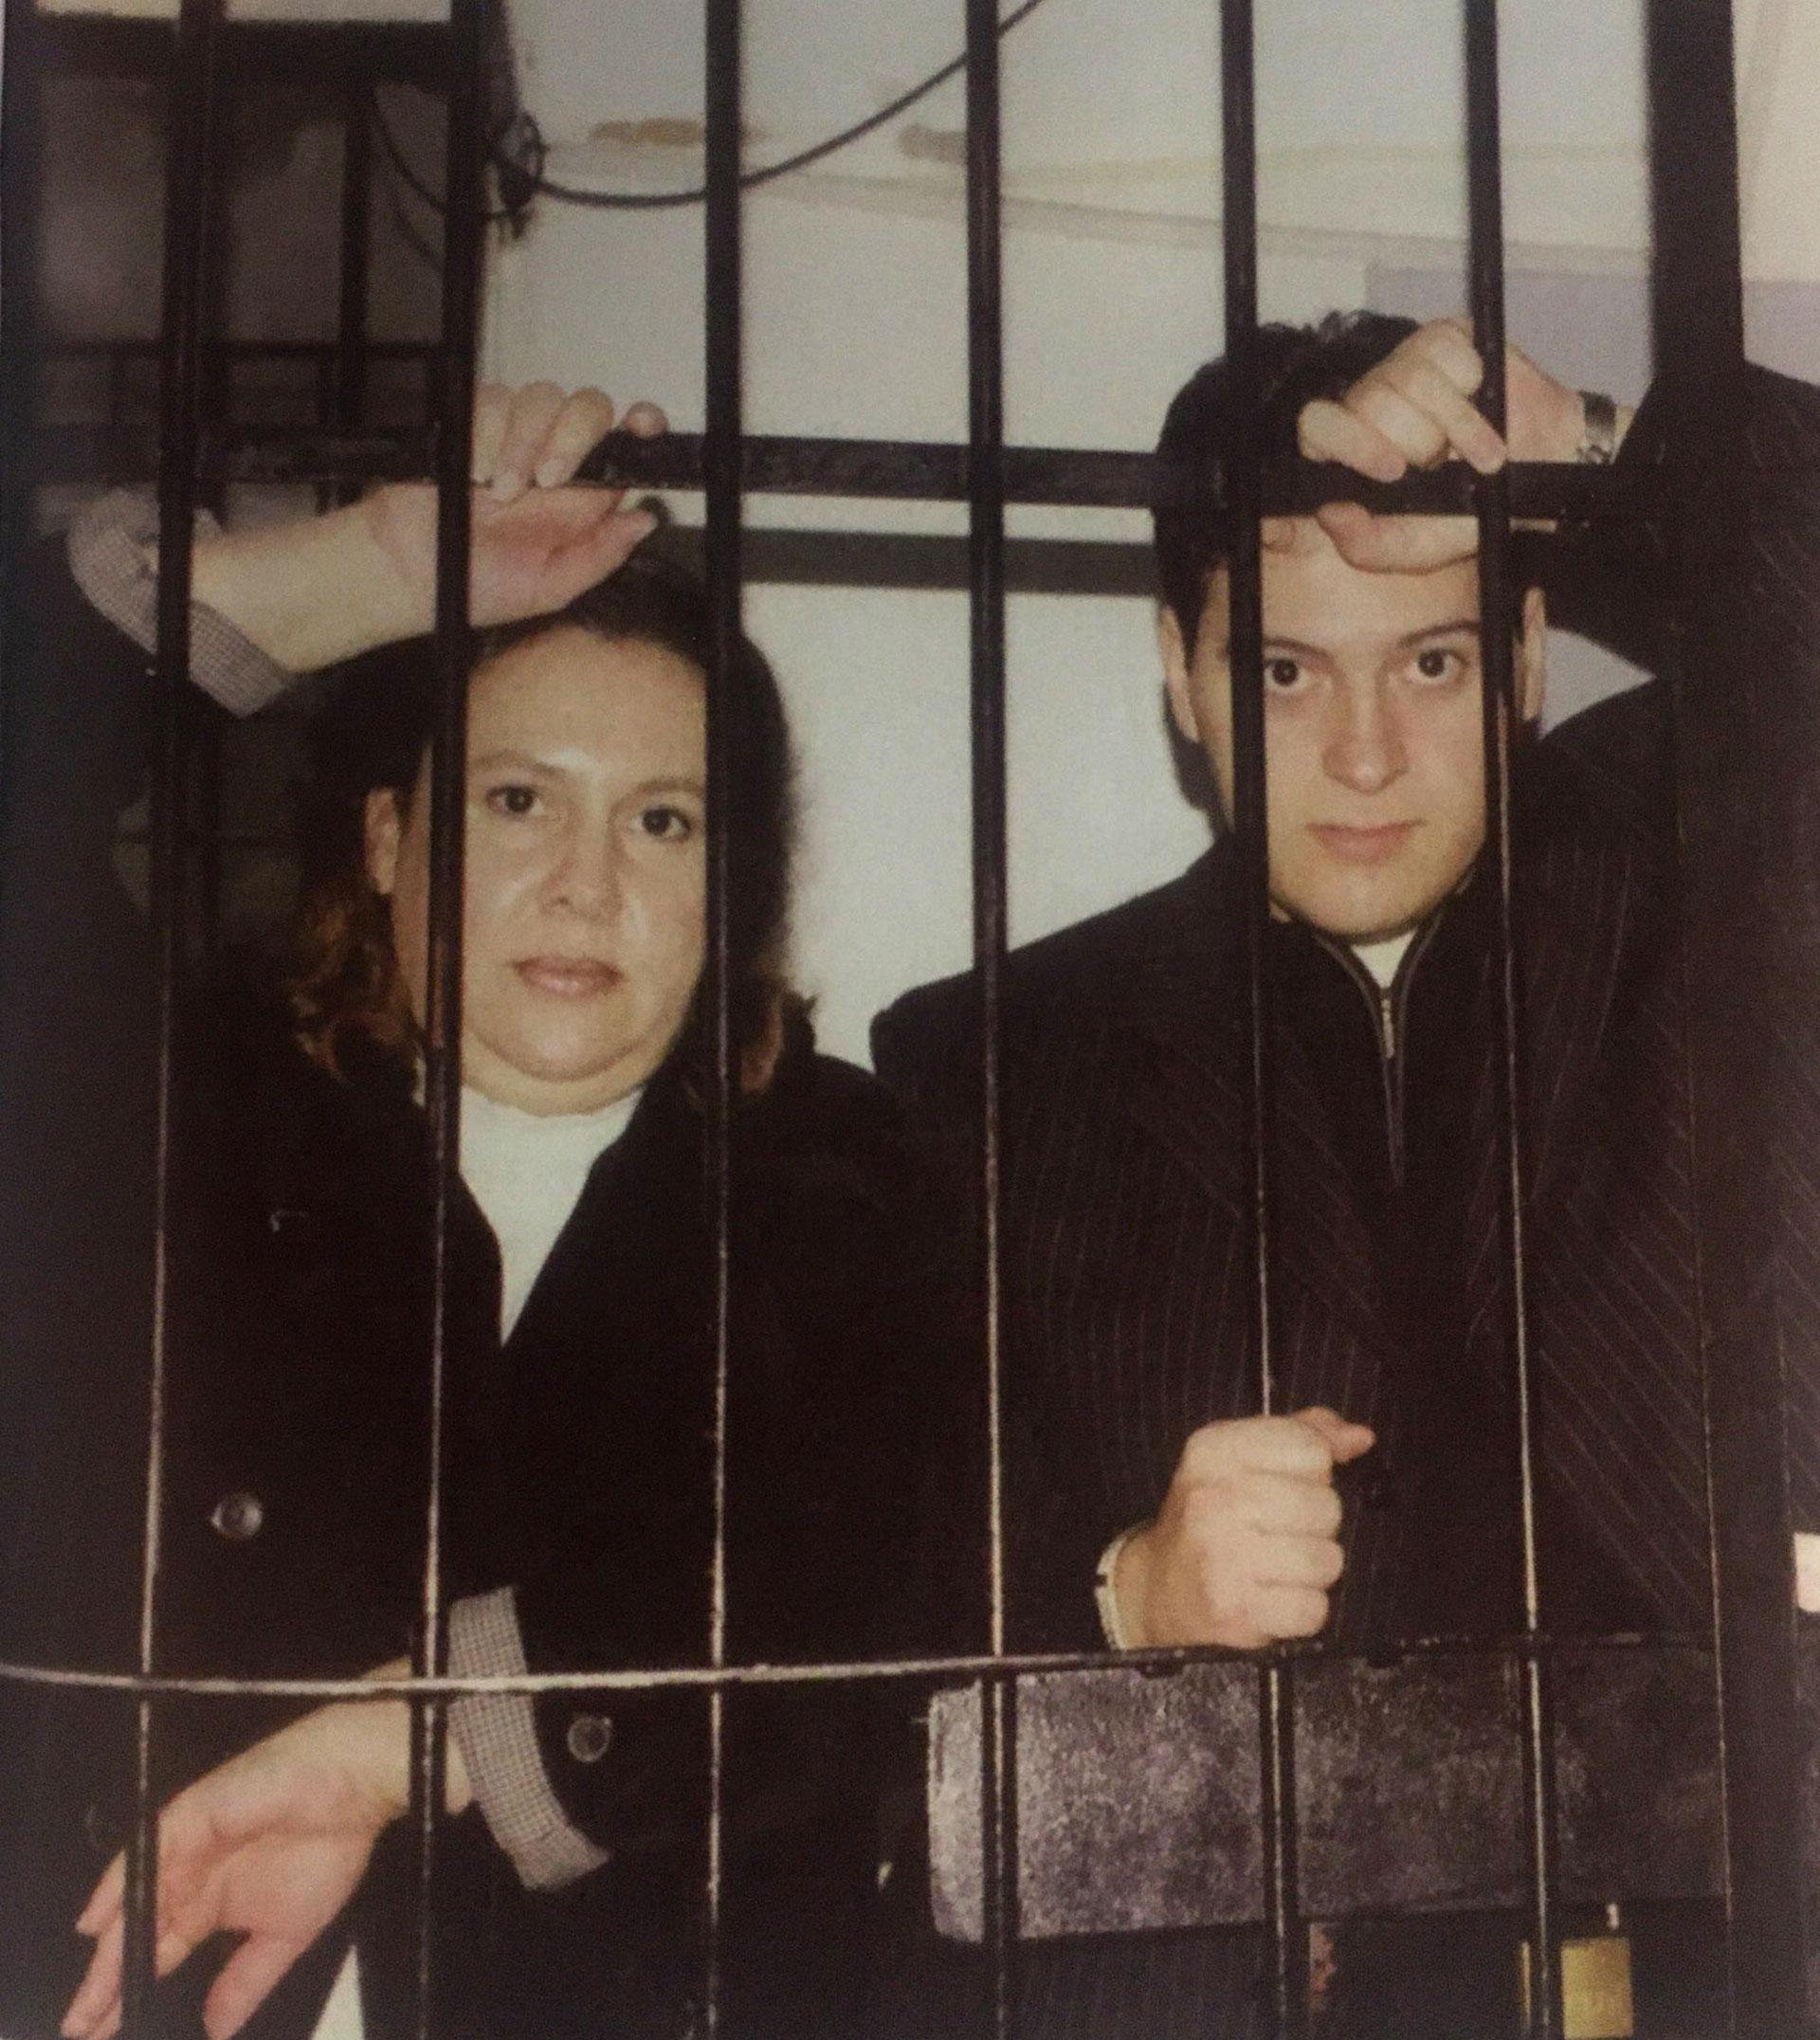 Cuartel de Drogas Peligrosas en Buenos Aires. Allí estuvieron detenidos Juan Pablo Escobar (45 días) y Victoria Eugenia Henao (540 días) (Victoria Eugenia Henao / Editorial Planeta)